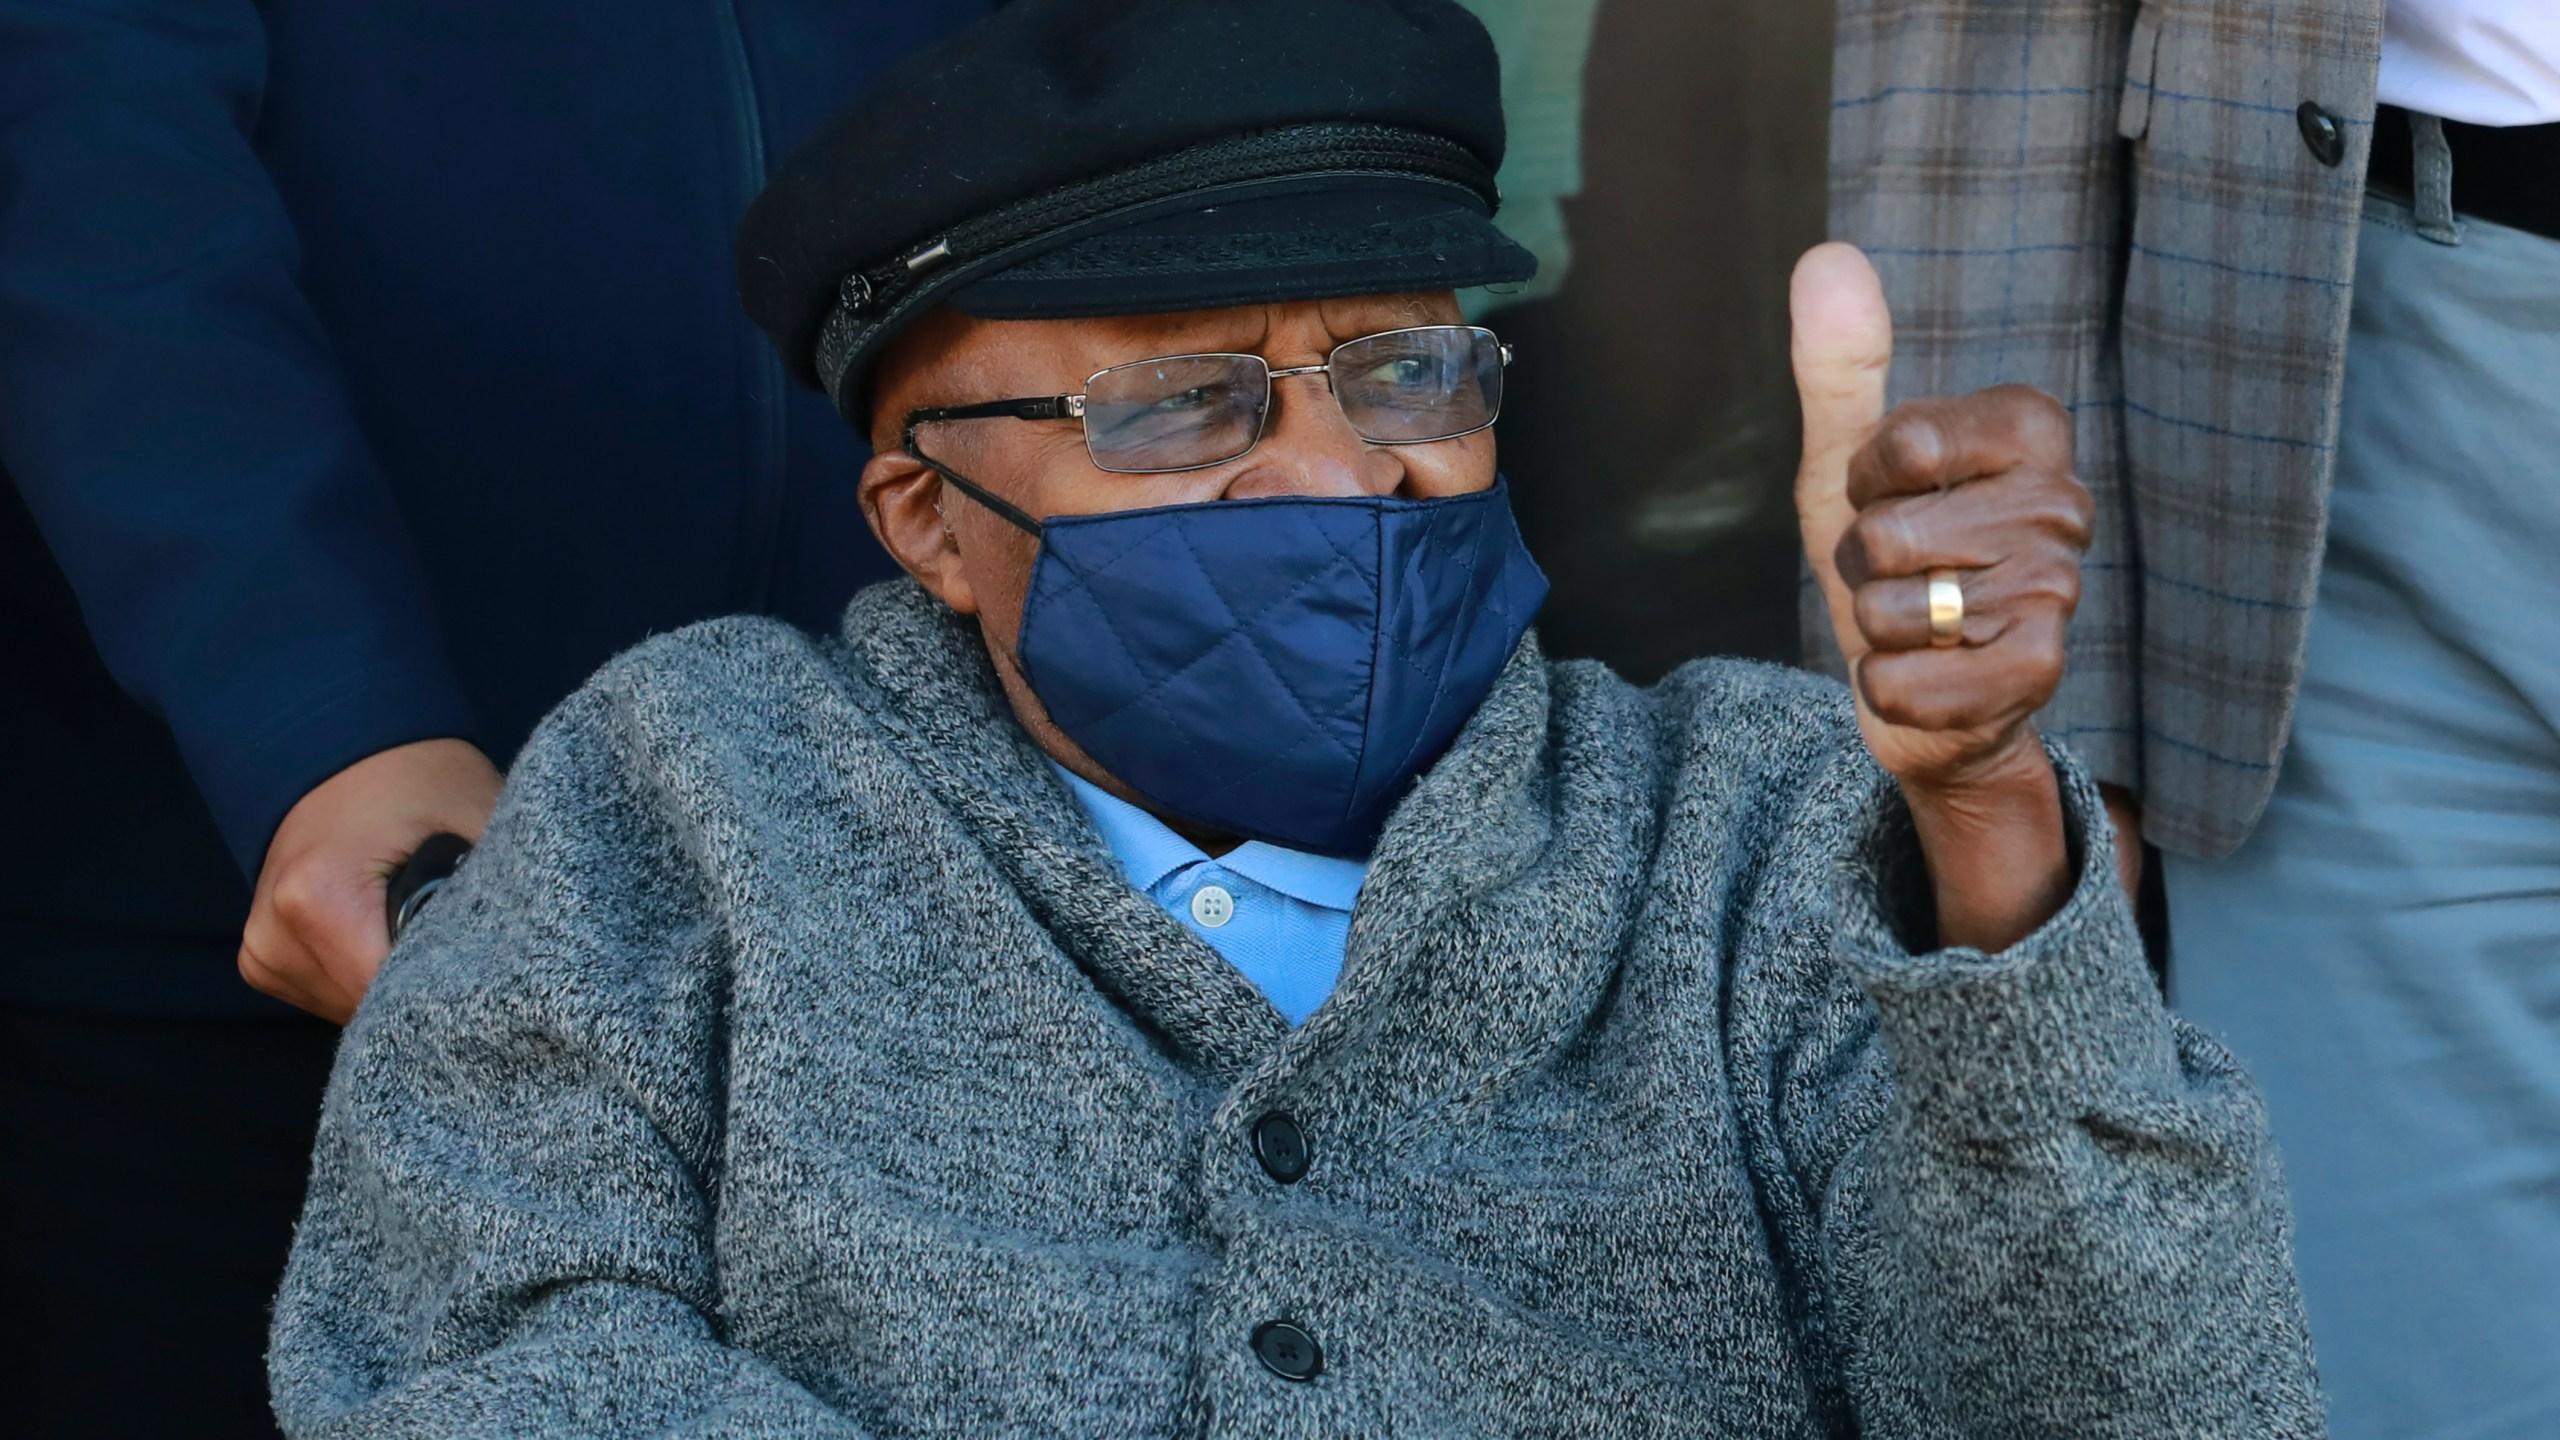 Desmond Tutu